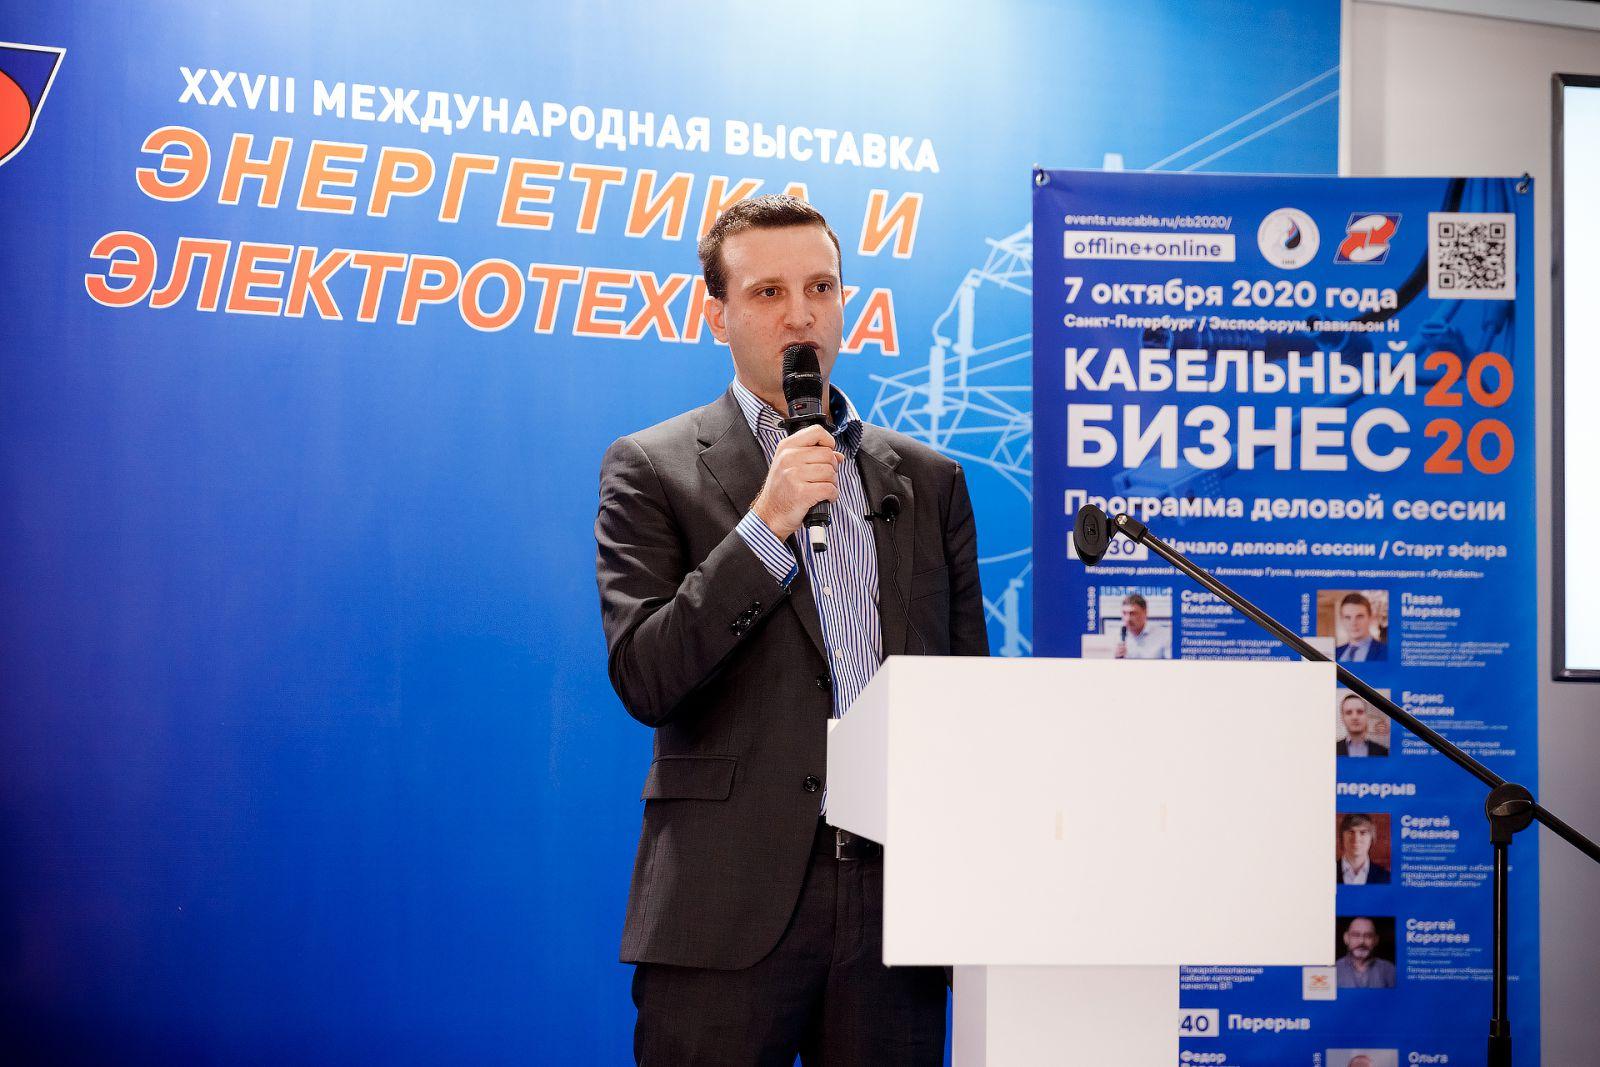 Борис Симкин, менеджер по продукции системы защиты управления кабеленесущих систем компании DKC